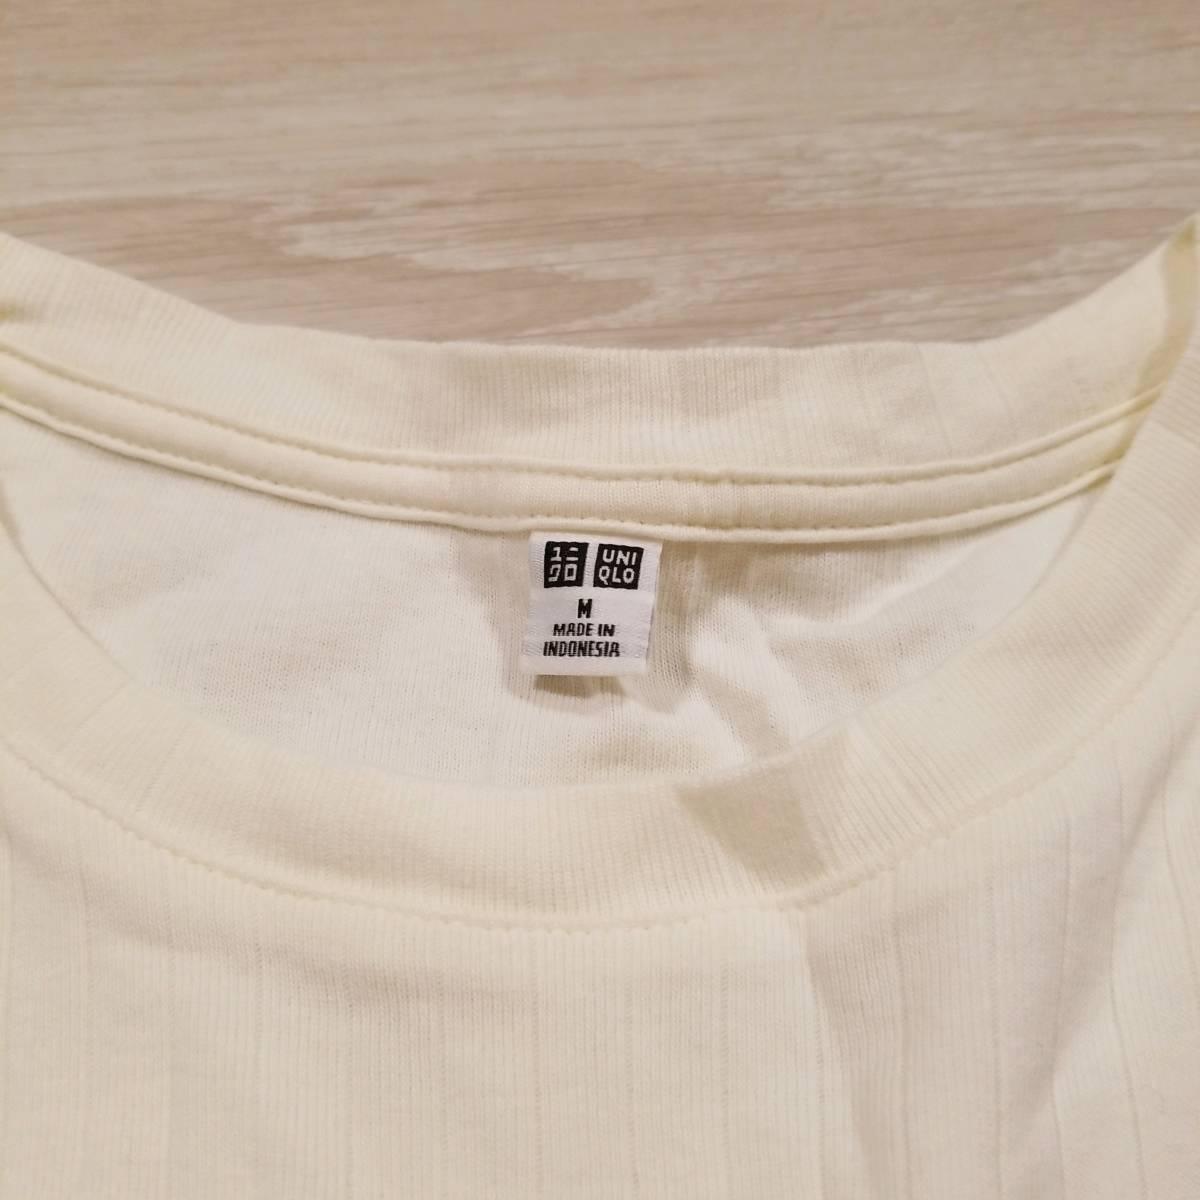 K449 UNIQLO ユニクロ タンクトップ M レディース ノースリーブ シャツ カットソー 白系 綿100% コットン リブ スリット..